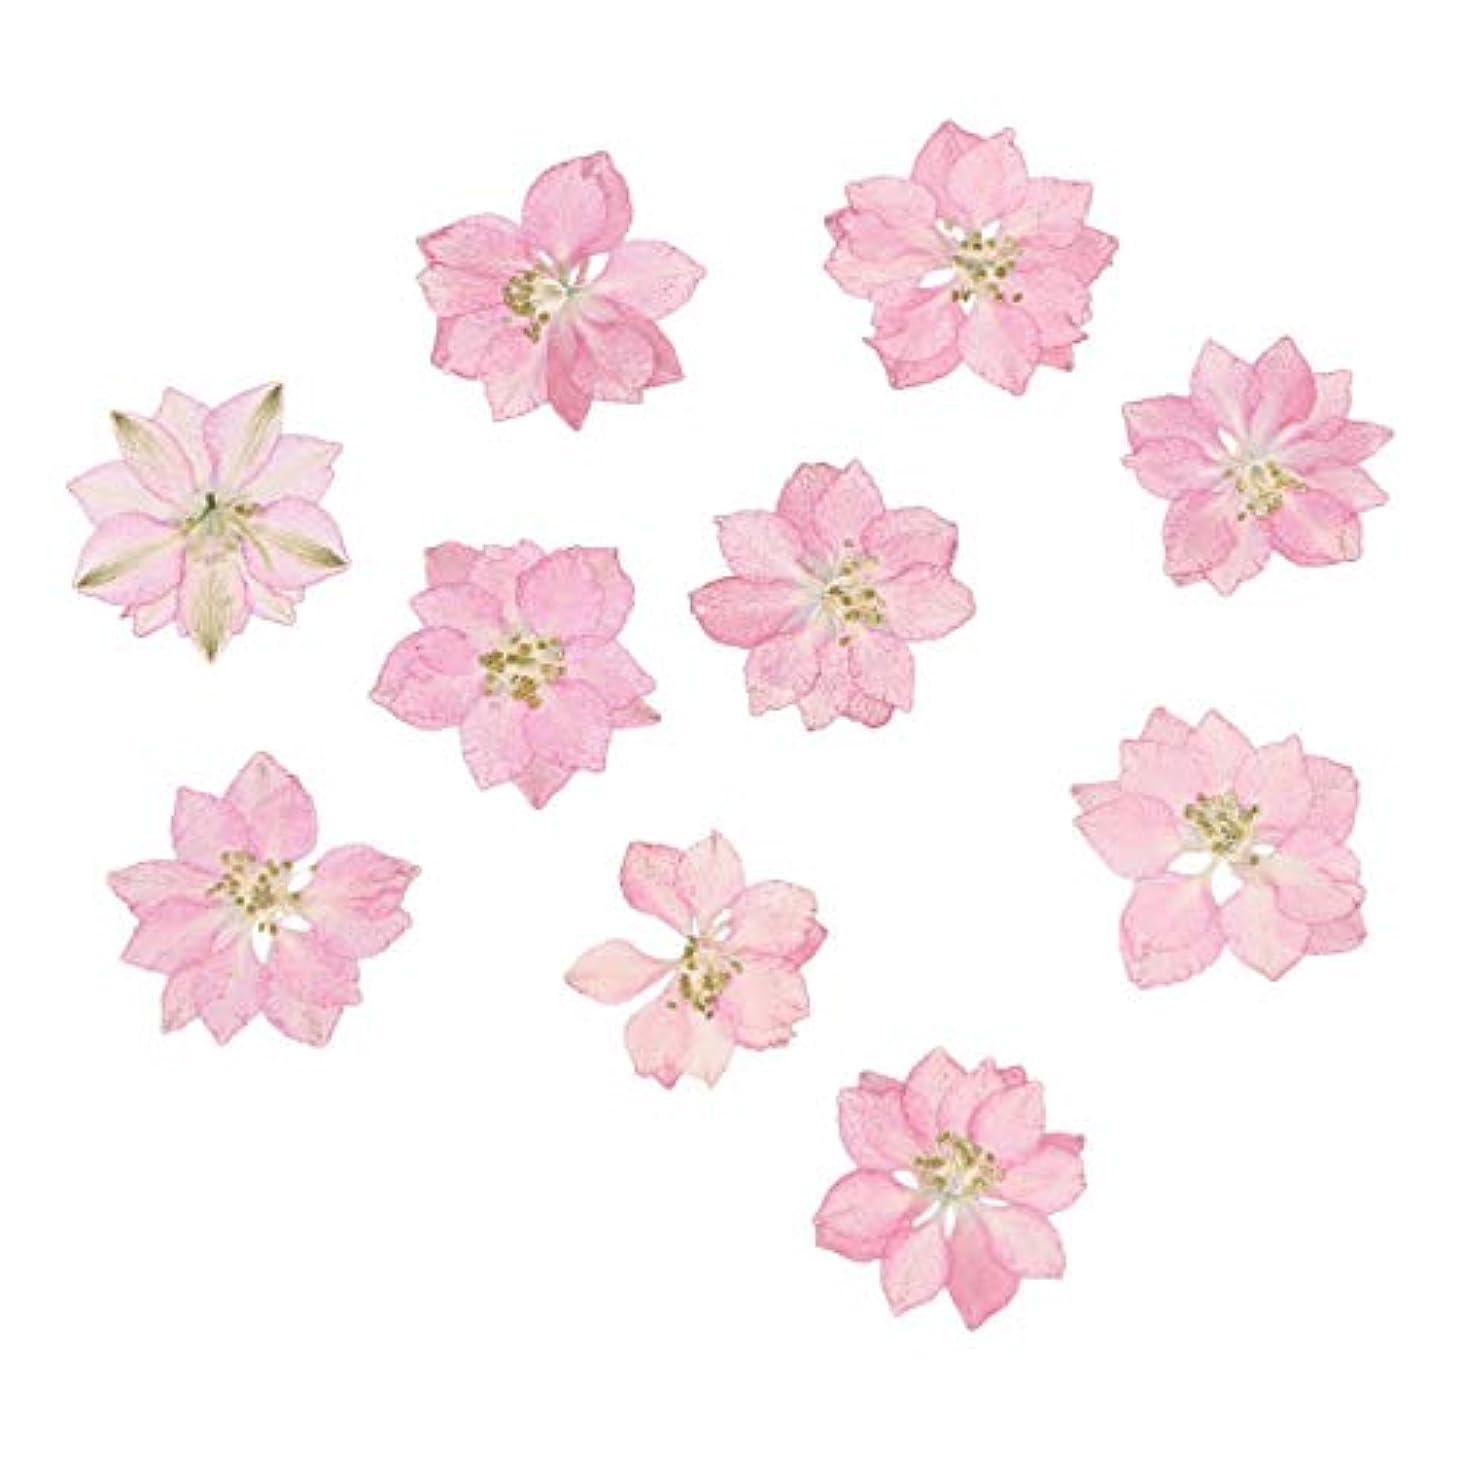 すなわち章絶滅したHEALLILY リアルドライ押花天然花飾り用diyジュエリーペンダント電話ケースカード20ピース